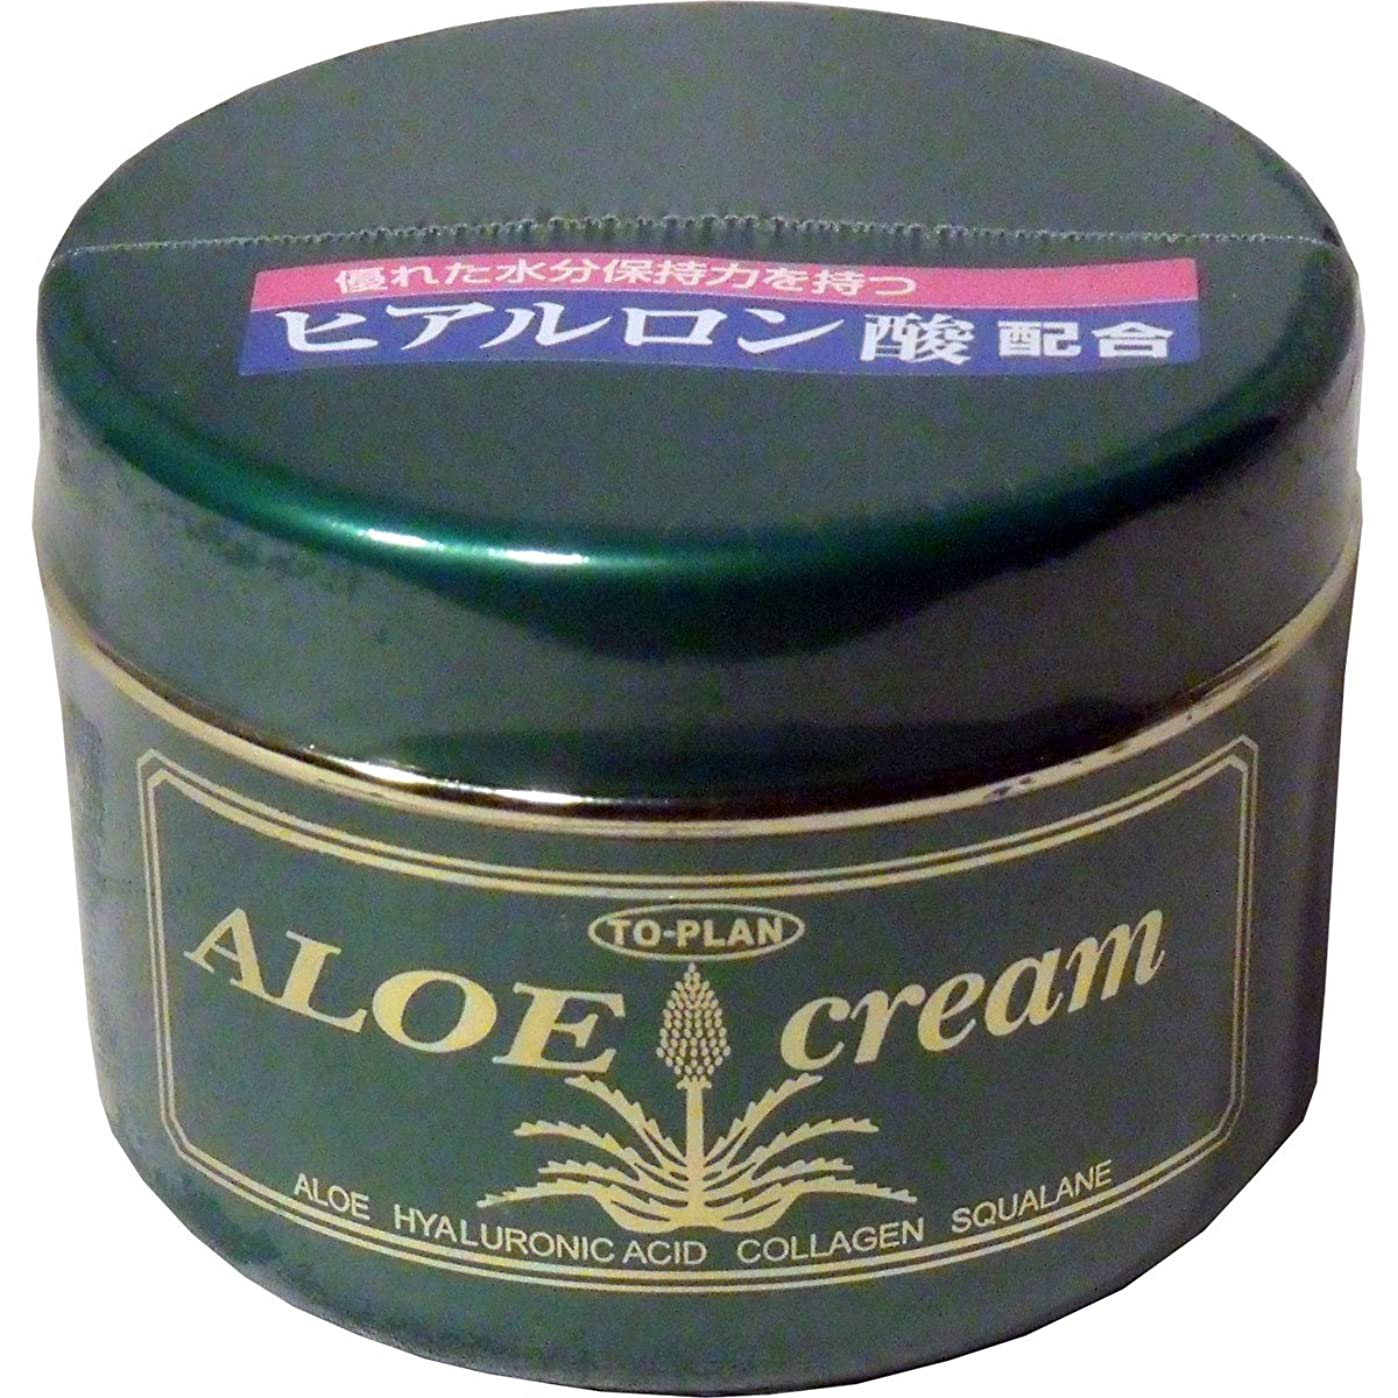 取り出す検体腹部トプラン ハーブフレッシュクリーム(アロエクリーム) ヒアルロン酸 170g ×5個セット